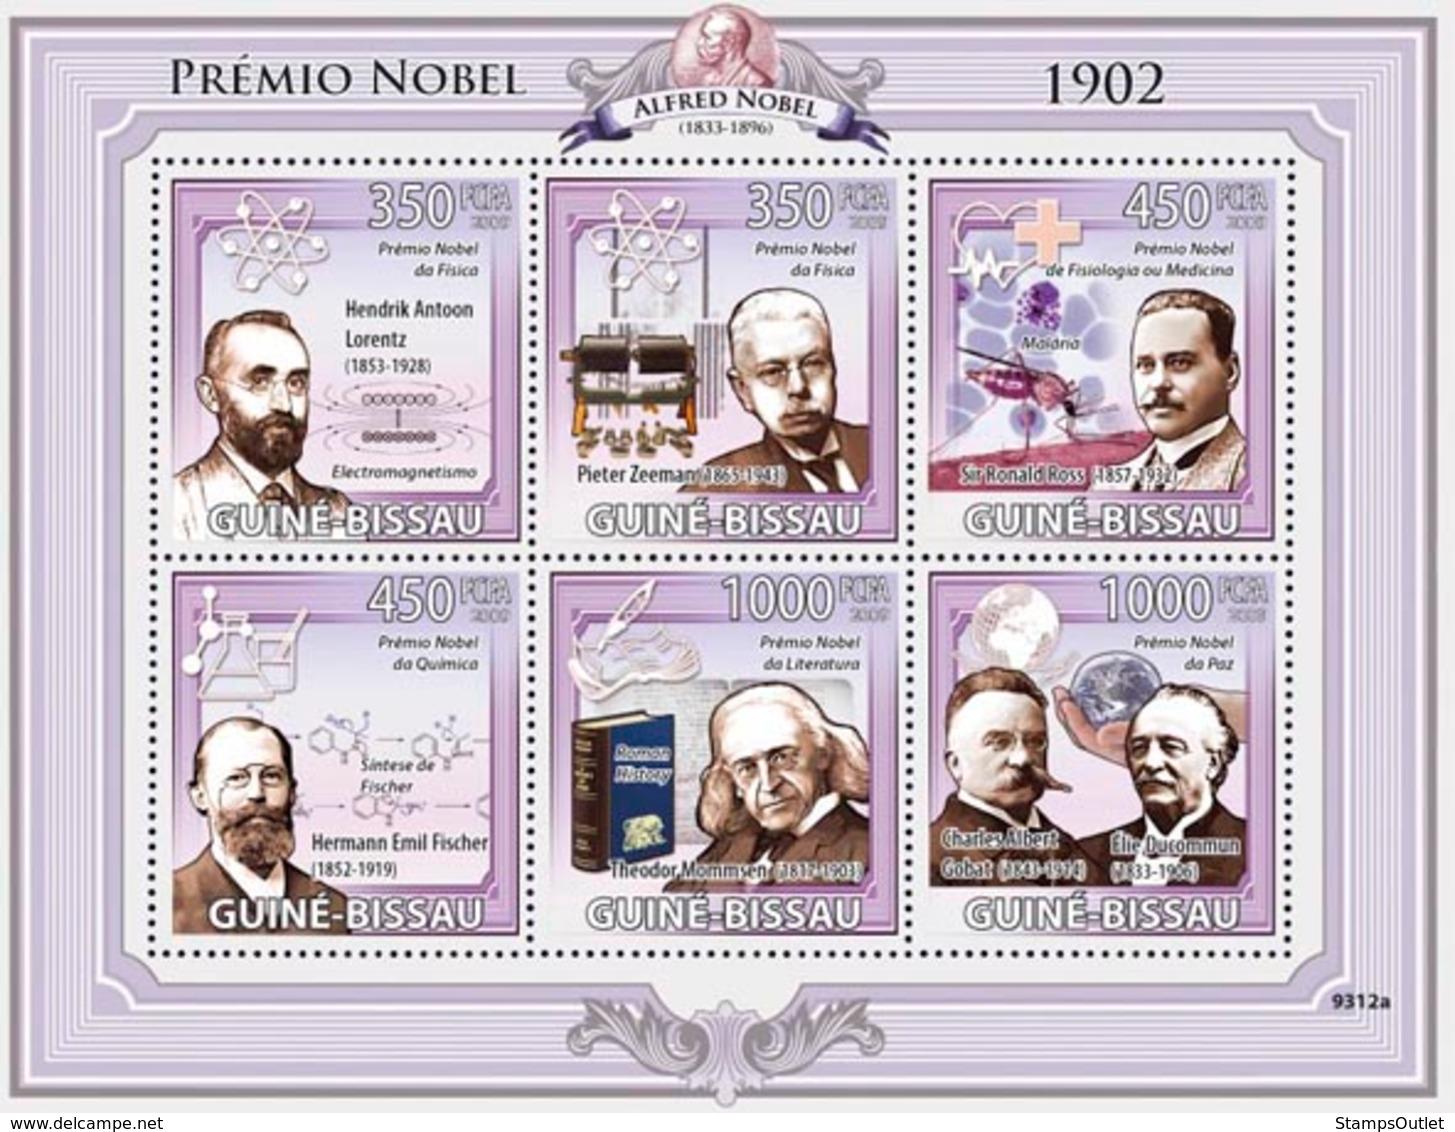 Guinea - Bissau 2009 - Nobel Prize 1902 (H.A.Lorentz, P.Zeeman, R.Ross, H.E.Fisher..) 6v Y&T 2948-2953, Michel 4236-4241 - Guinée-Bissau